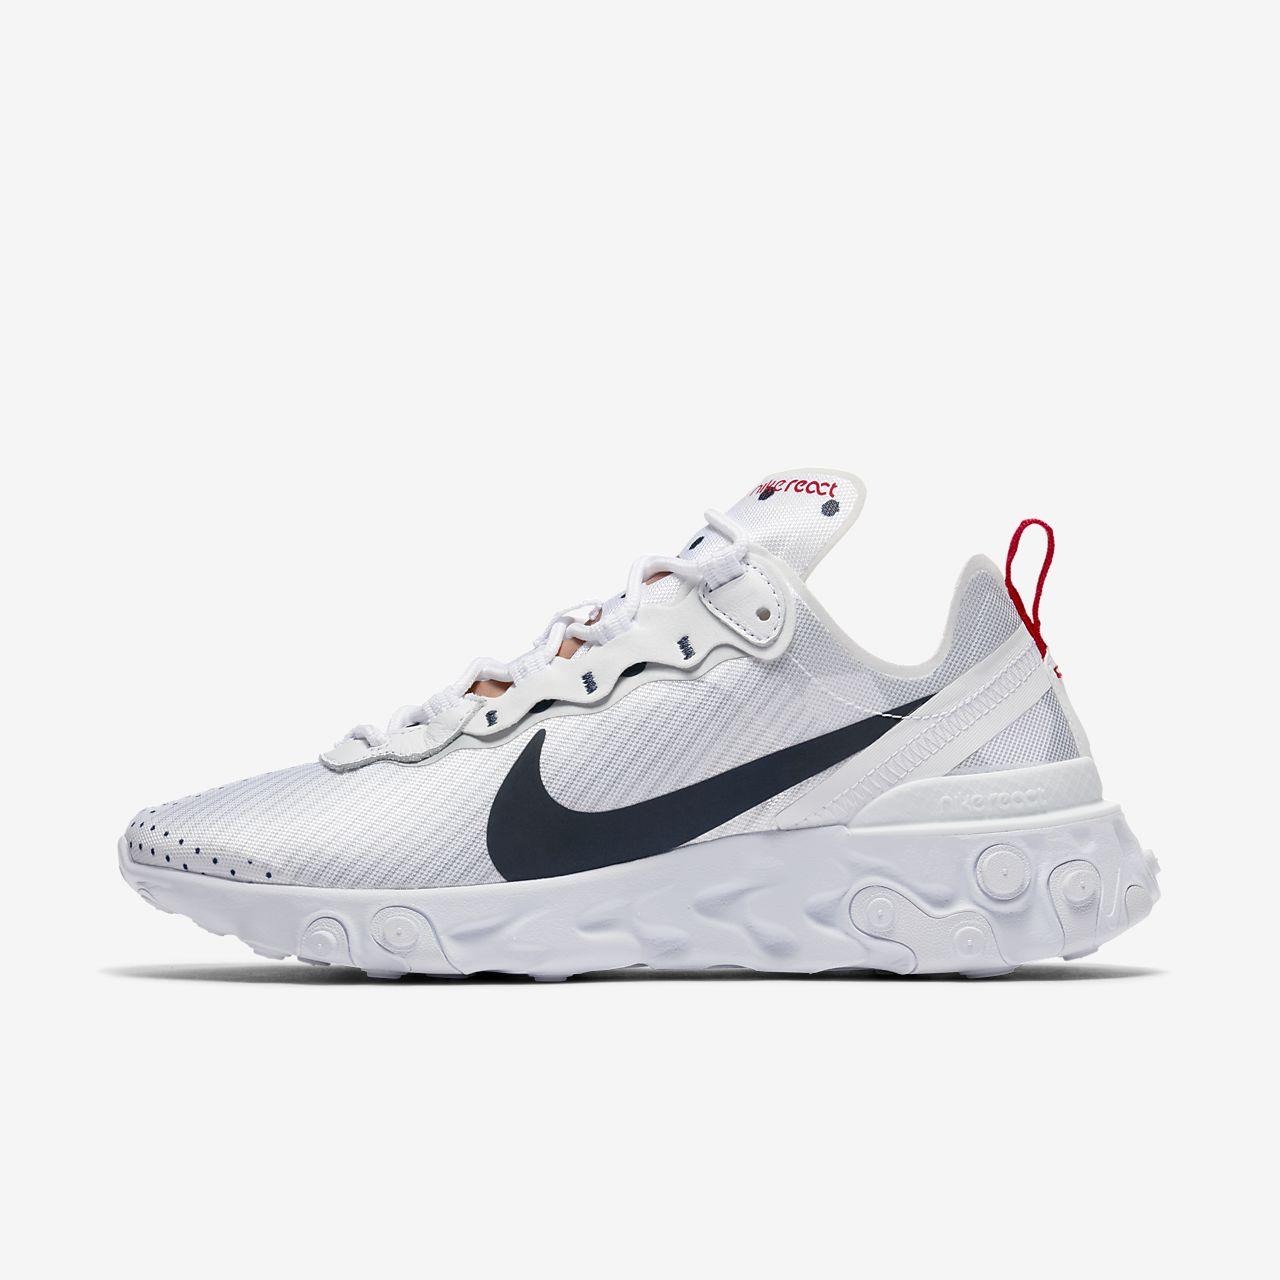 28c19a0833ab Chaussure Nike React 55 Premium Unité Totale pour Femme. Nike.com FR